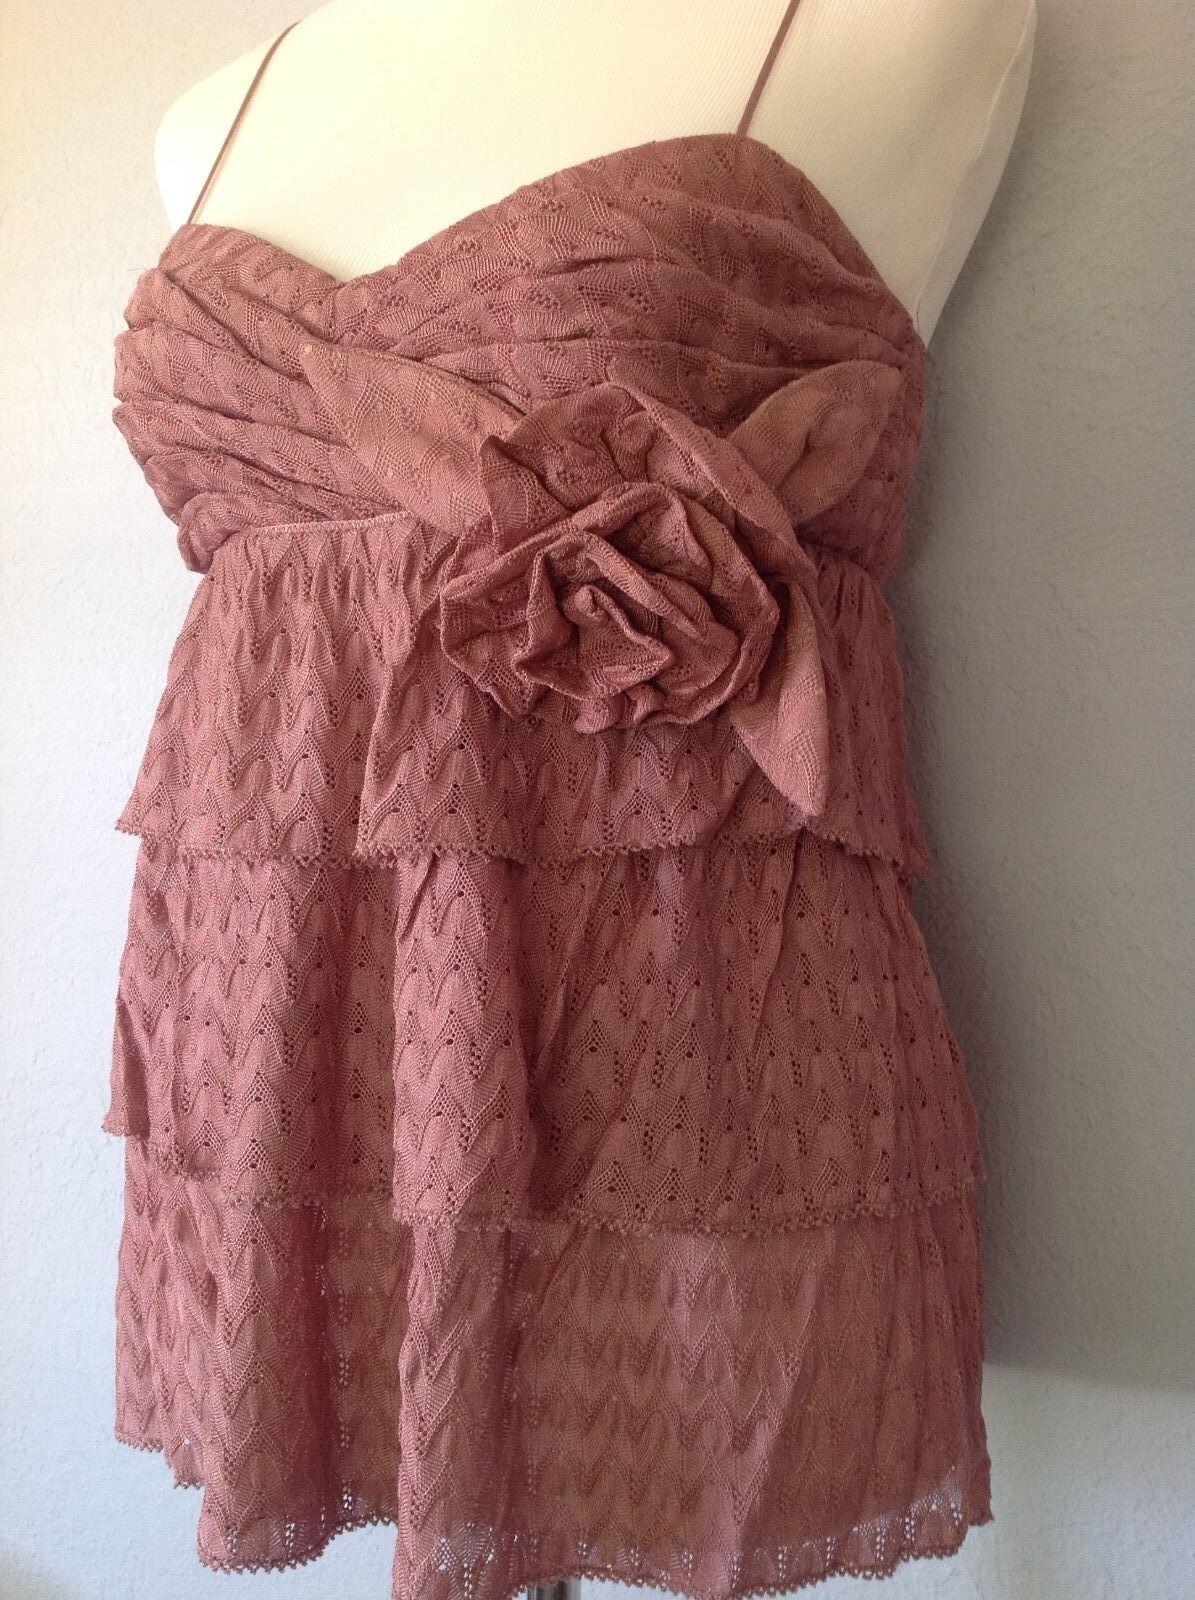 448 MISSONI Rosa Draped Lace V-neck Top Dress Tee Shirt Tunic Blouse ITALY